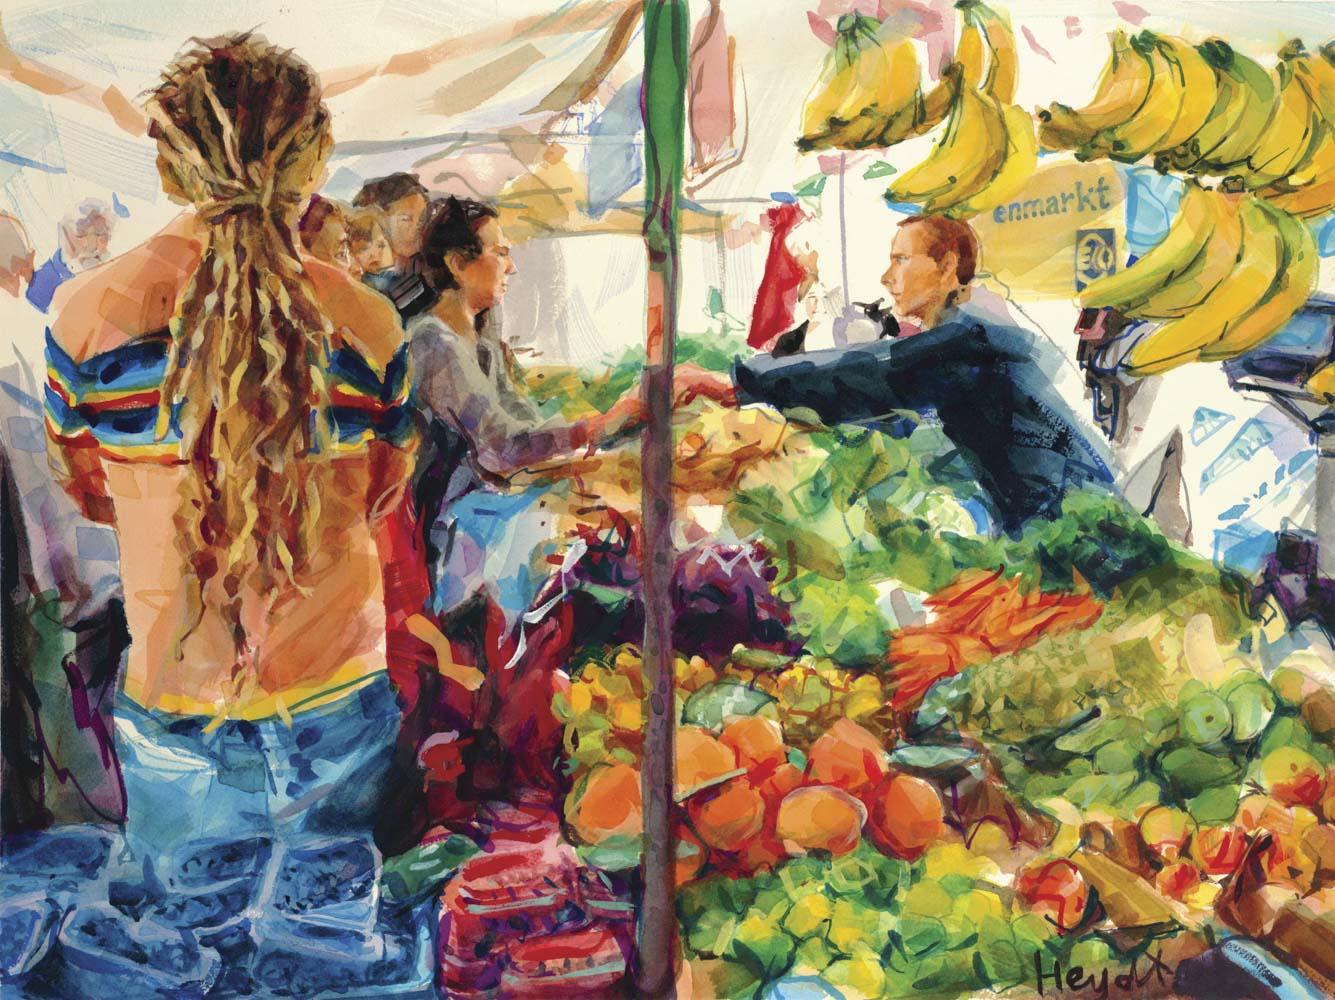 Boerenmarkt op de Noorder Markt, Jordaan, Amsterdam